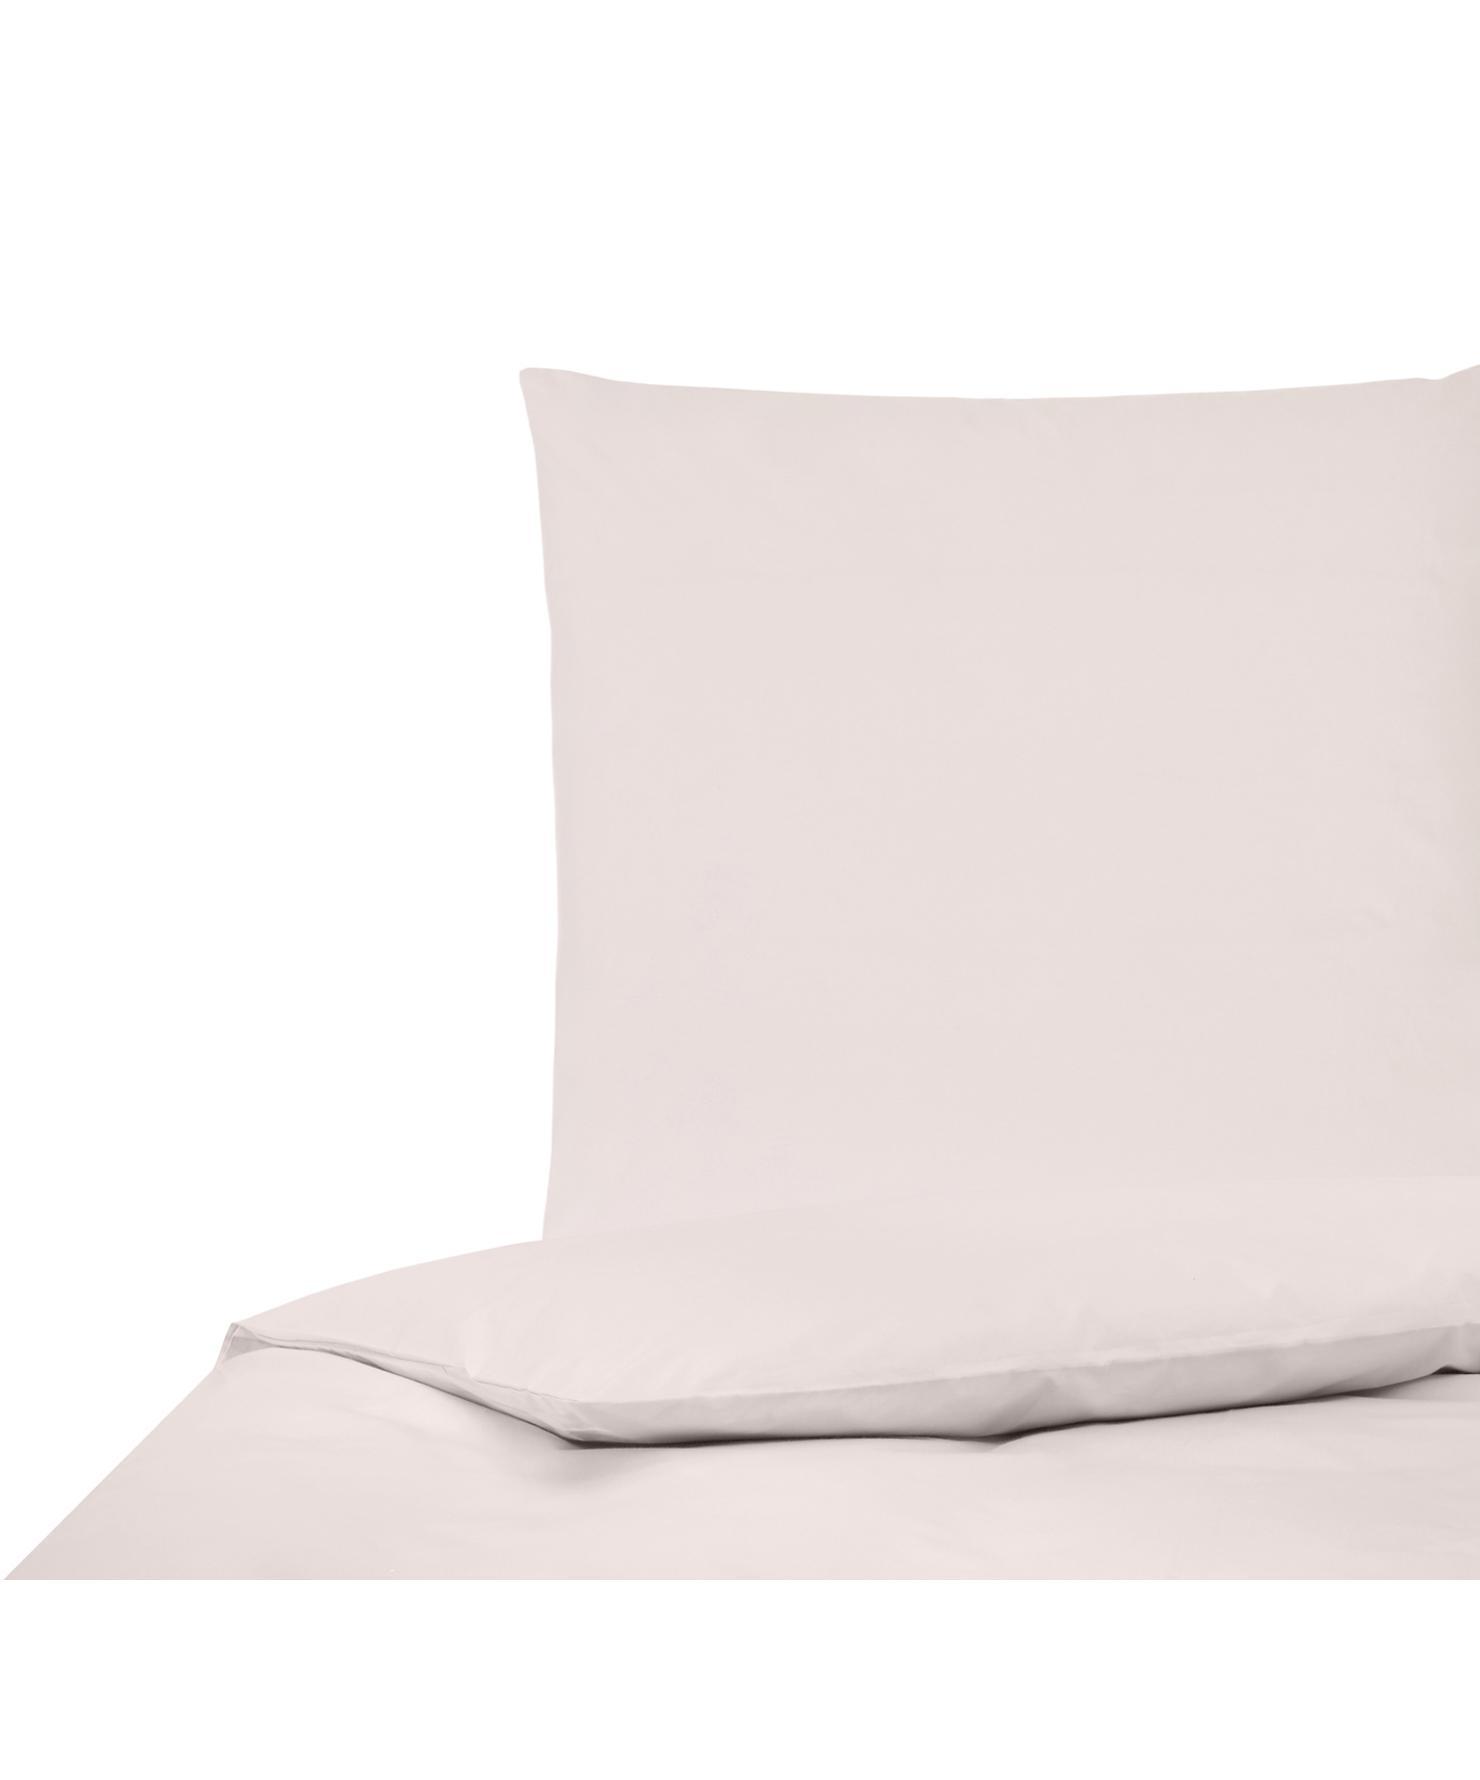 Parure copripiumino in percalle Elsie, Tessuto: percalle Densità del filo, Rosa, 155 x 200 cm